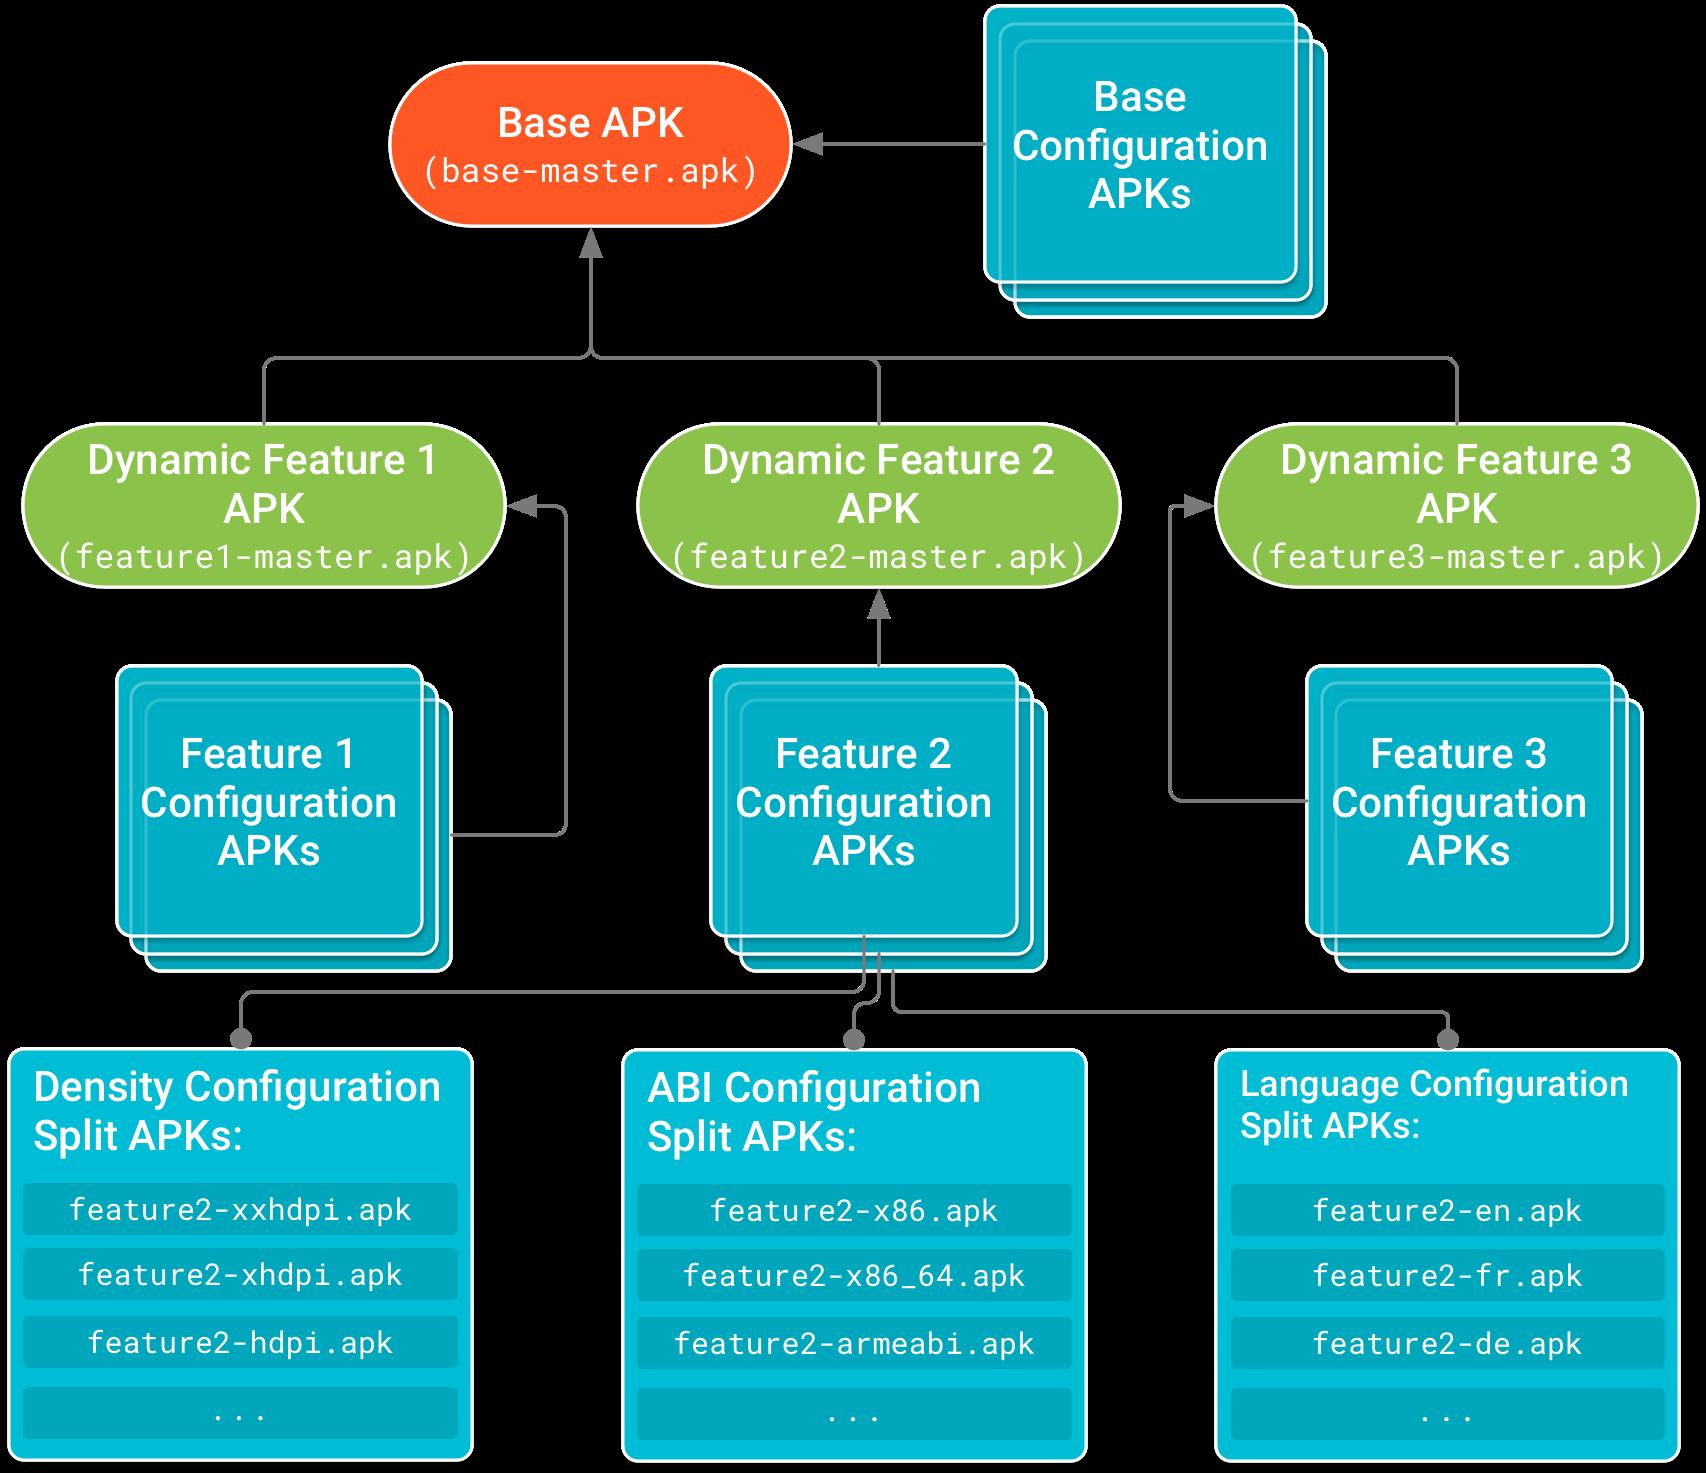 ベース APK はツリーのルートを形成し、動的機能 APK はベース APK に依存します。依存関係ツリーのリーフノードを形成する設定 APK には、ベース APK とそれぞれの動的機能 APK のデバイス設定に応じたコードとリソースが含まれます。